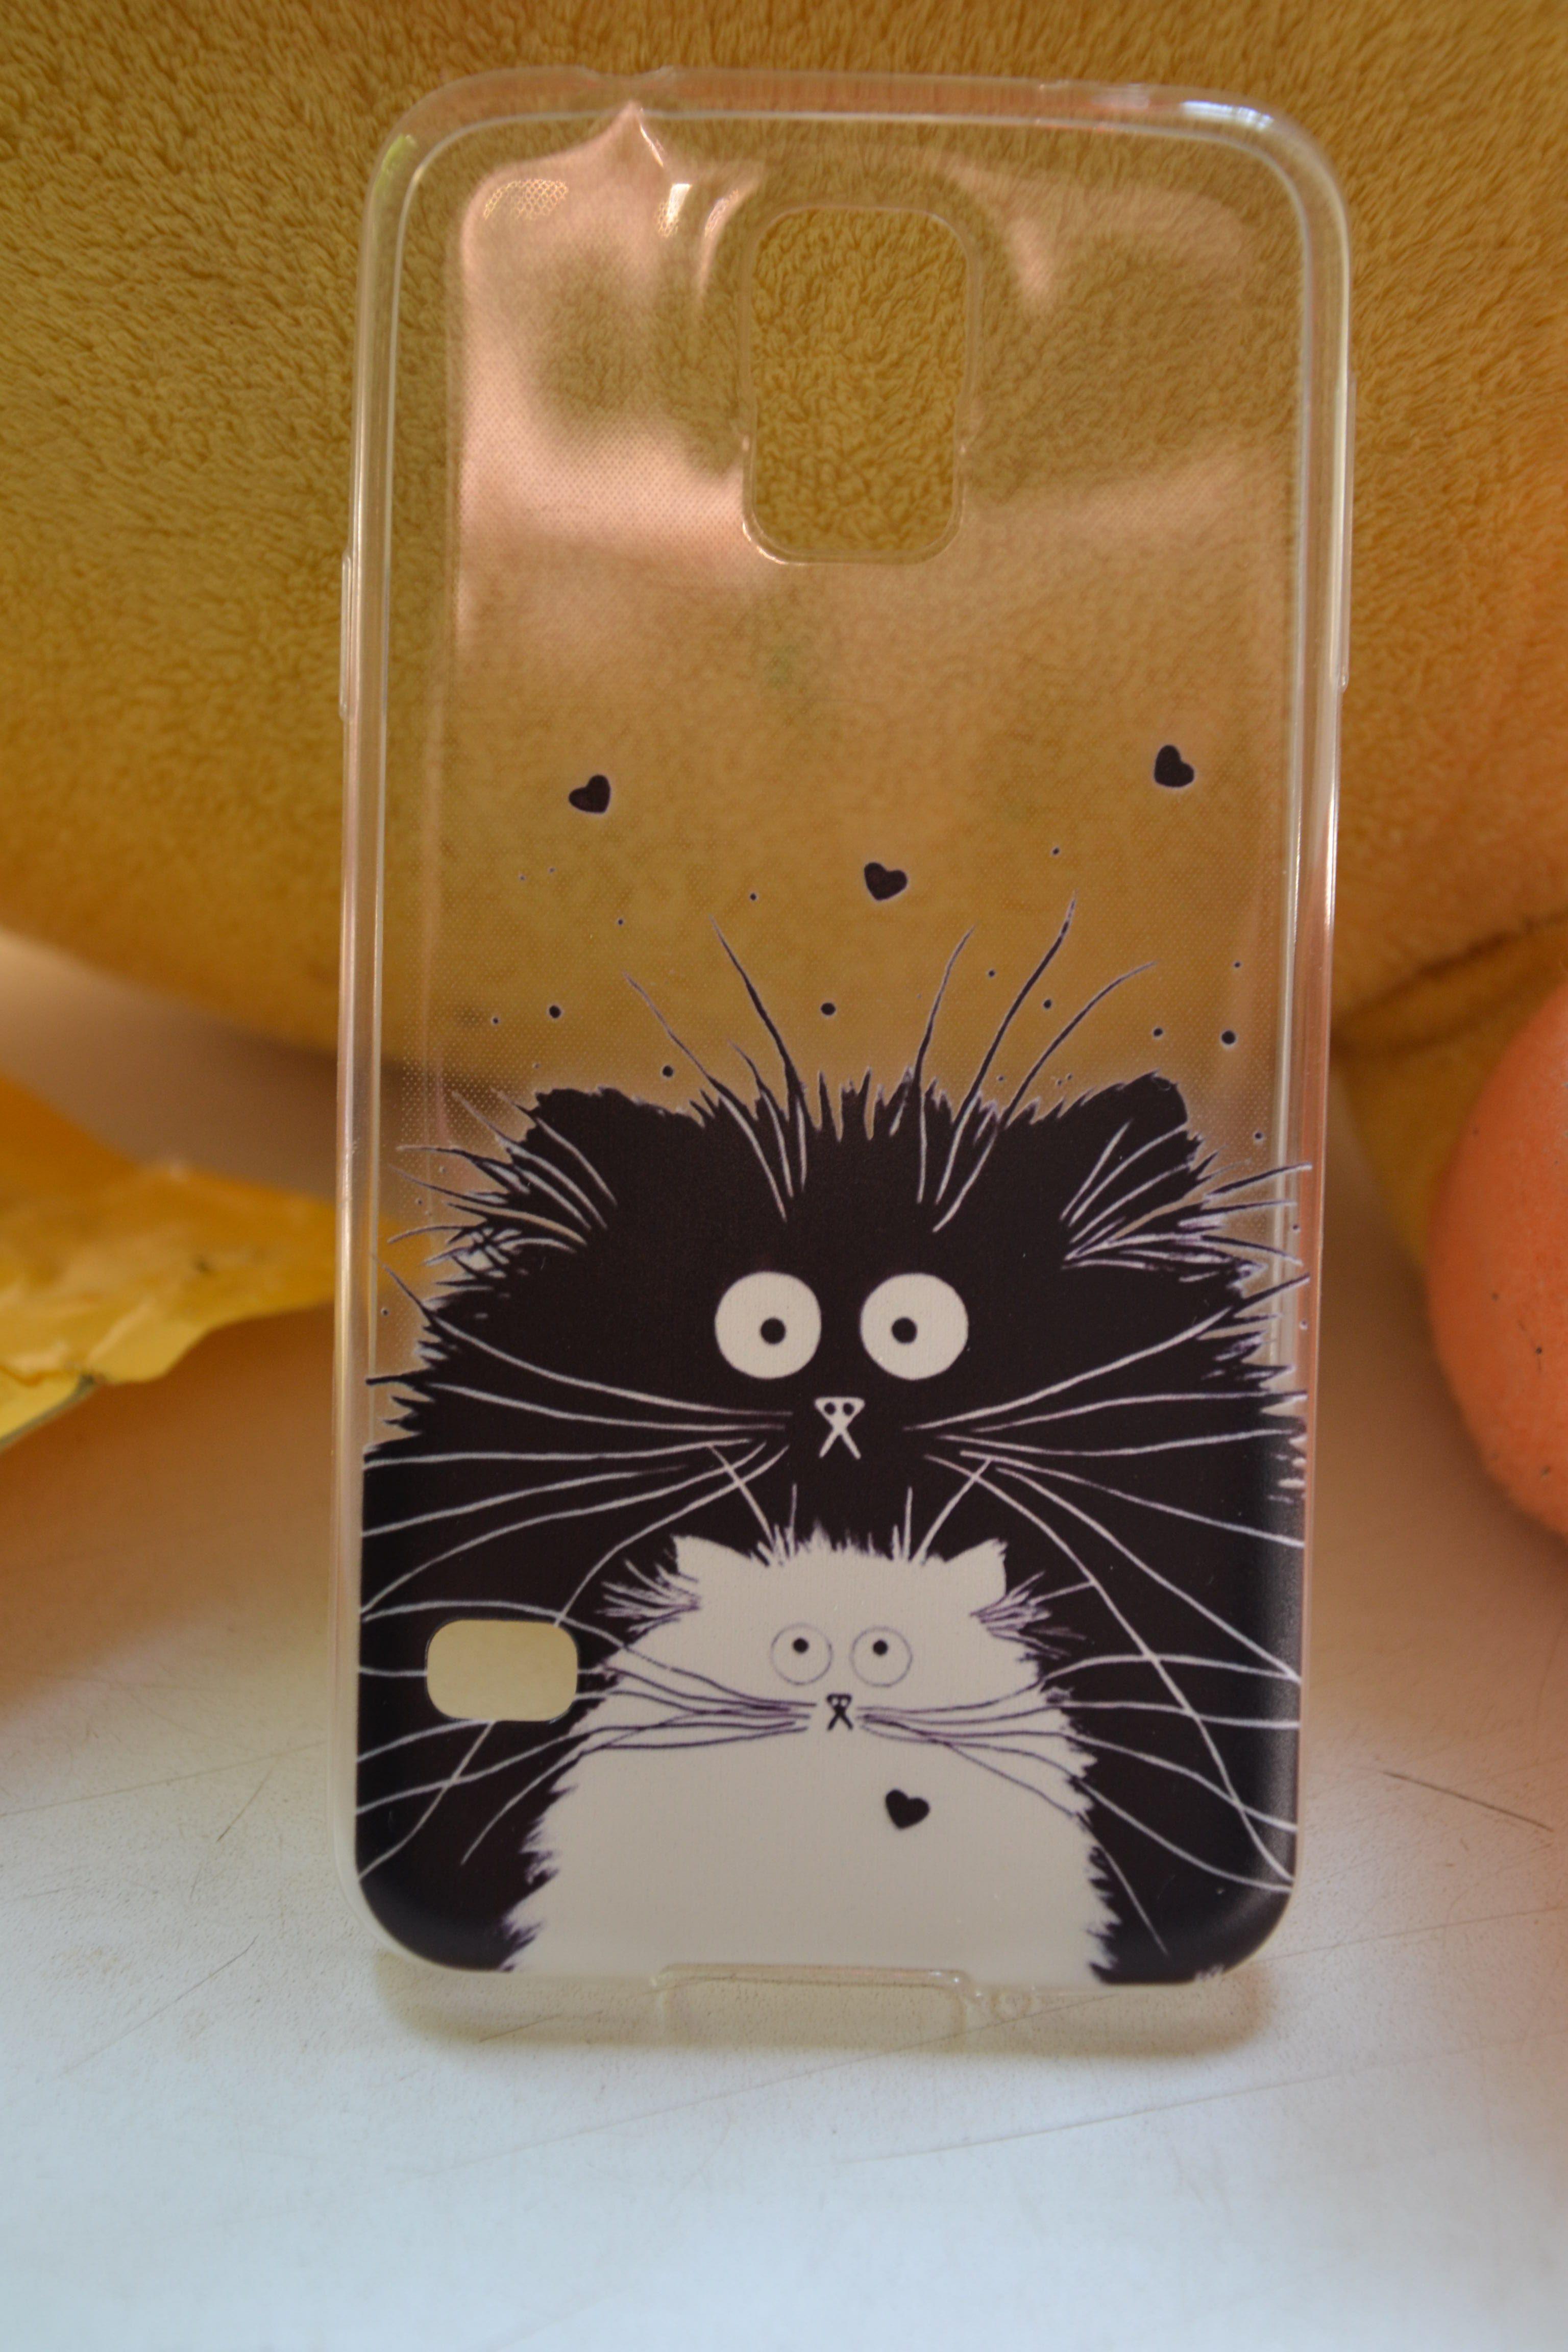 Чехол для телефона Samsung Galaxy S5. Покупка с Алиэкспресс